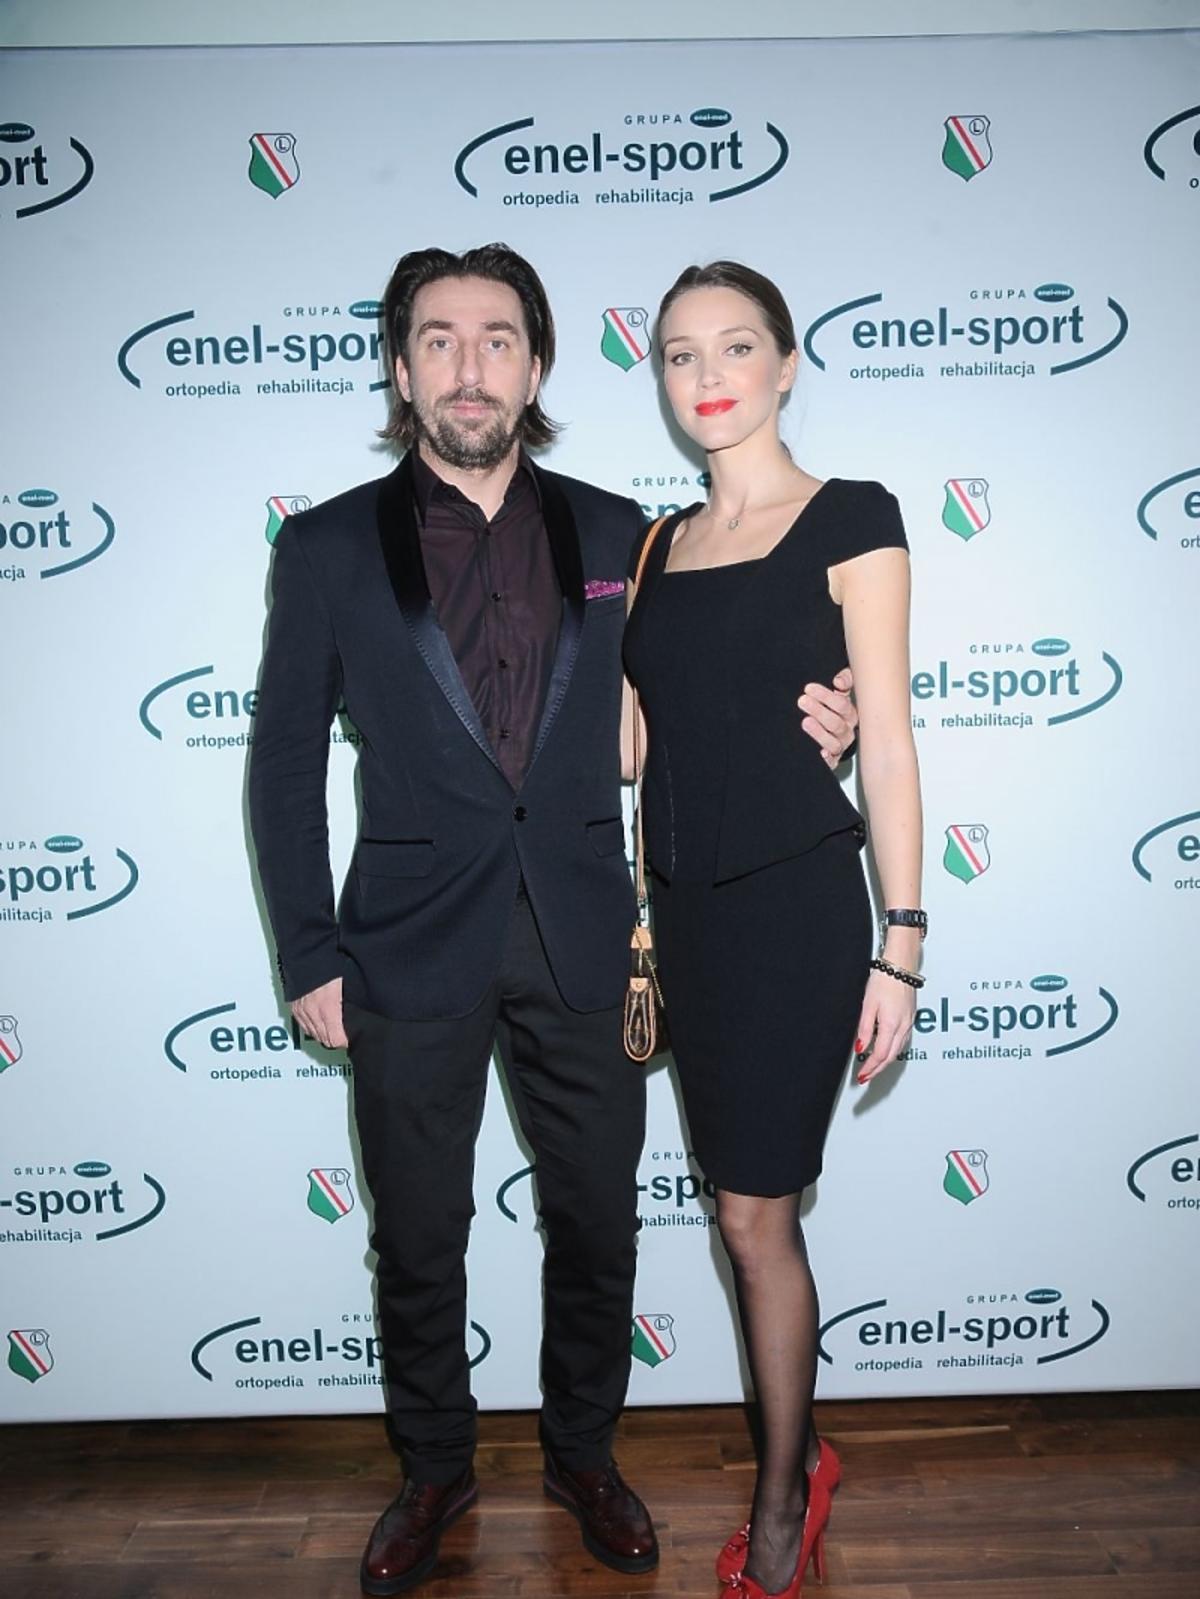 Tomasz Iwan w garniturze, Natalia Jakuła w czarnej sukience